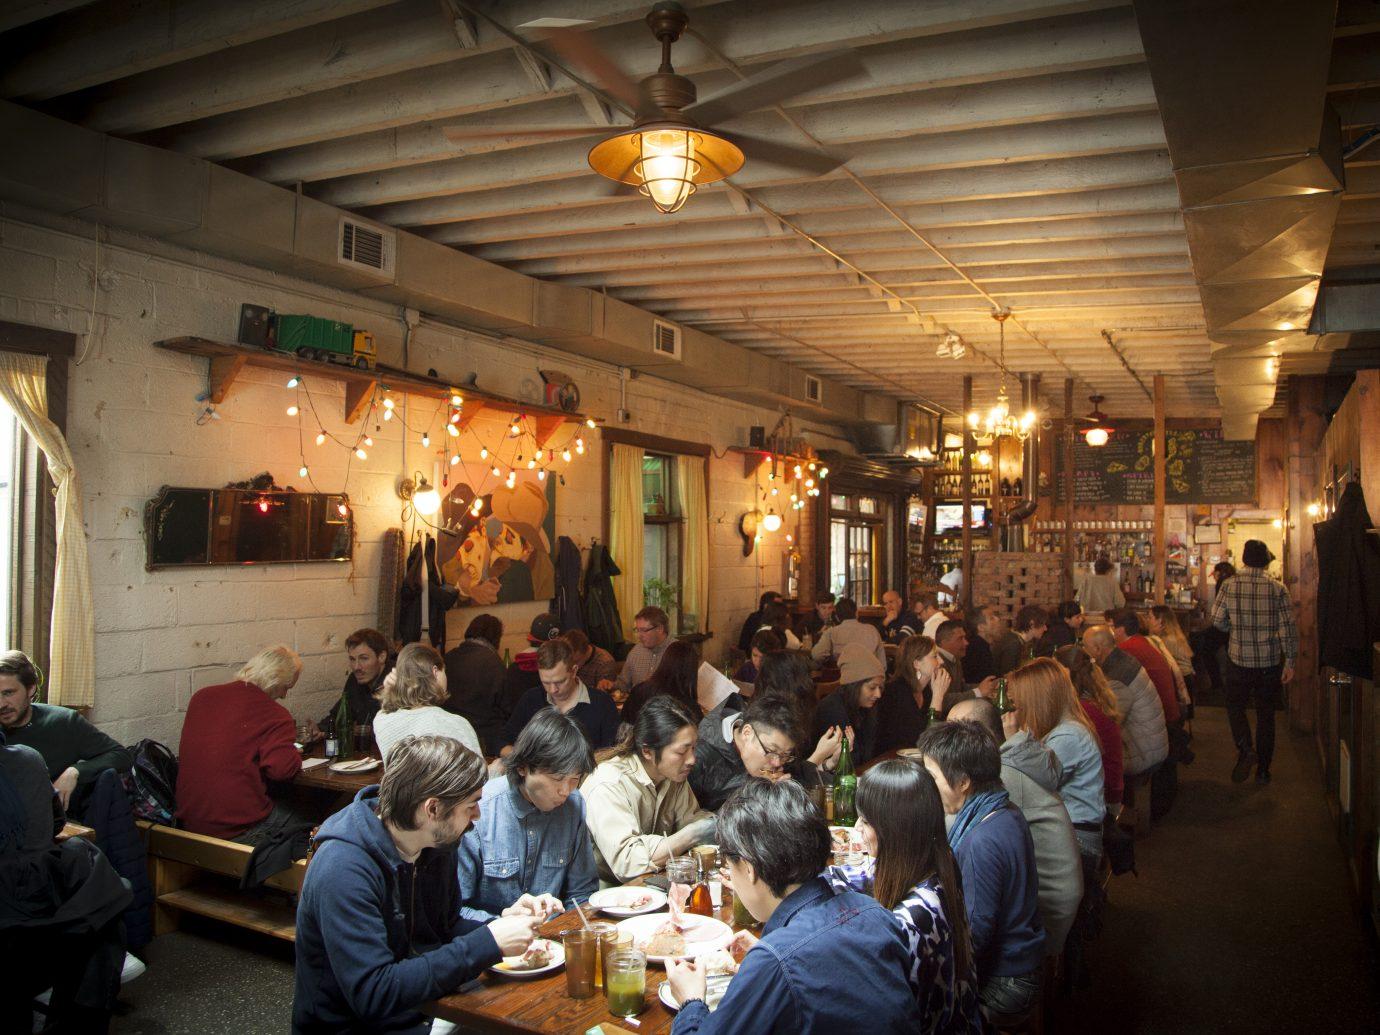 Crowded interior at Roberta's